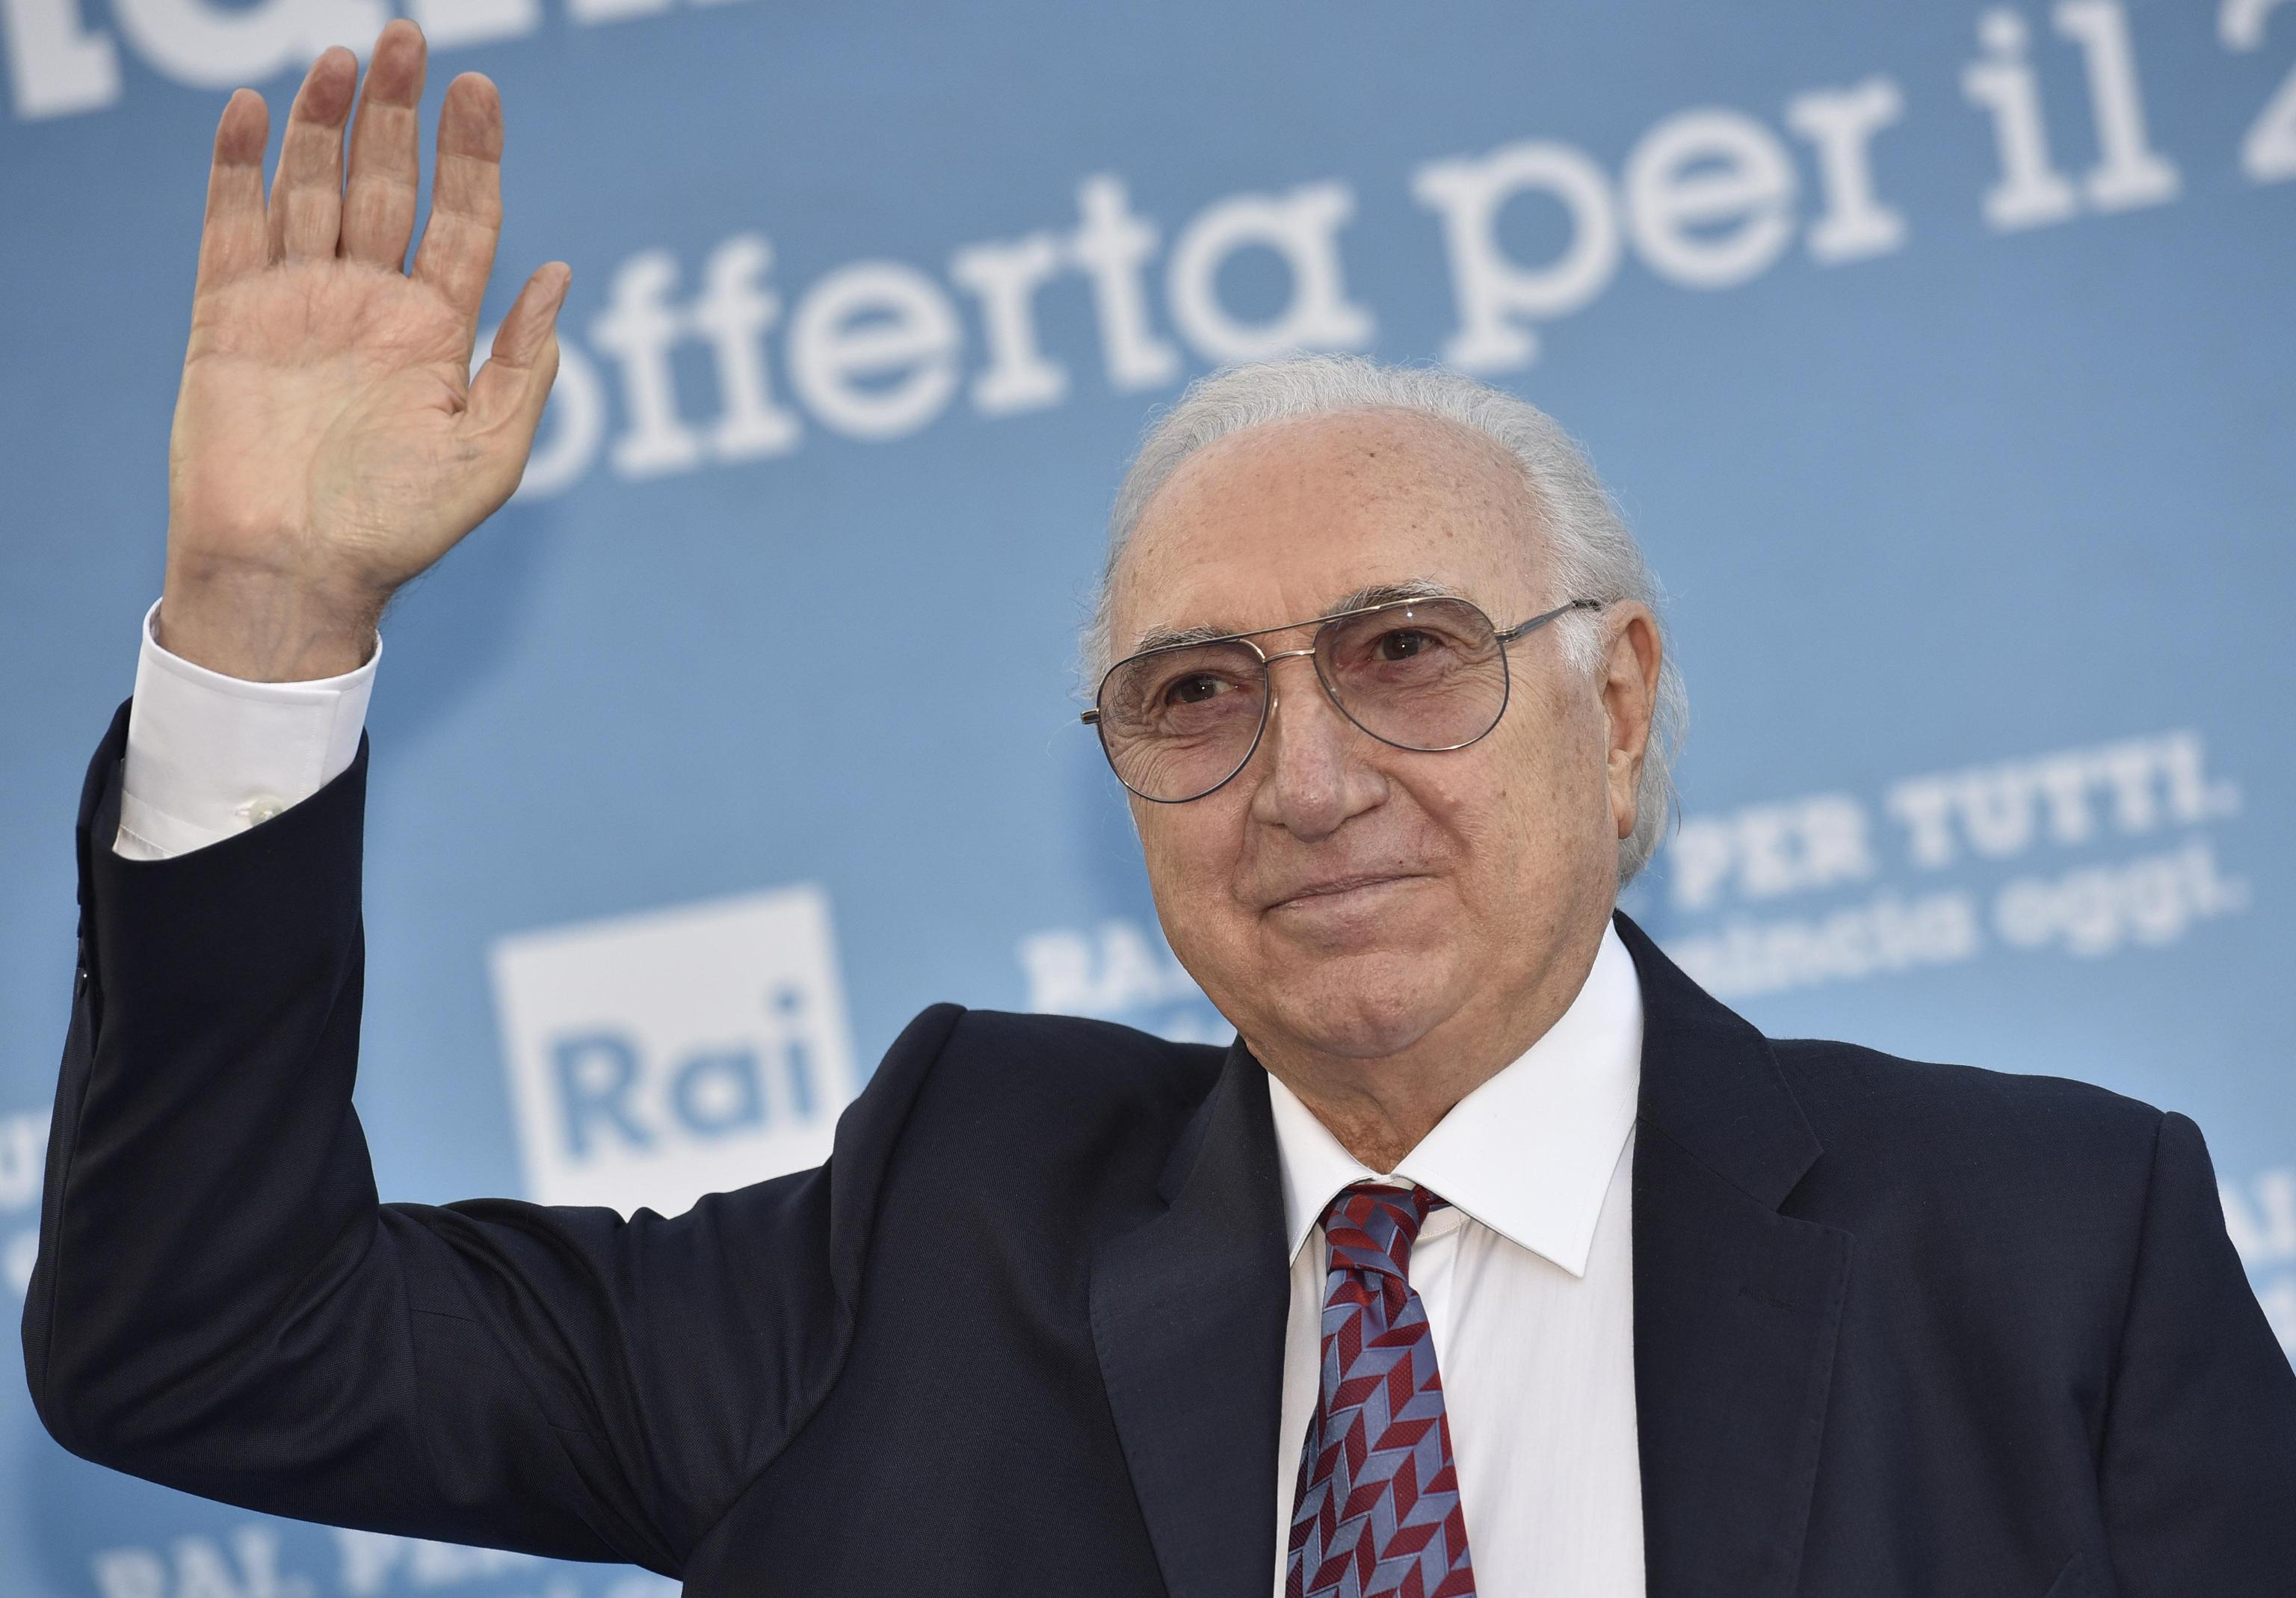 Pippo Baudo: 'Claudio Baglioni a Sanremo 2018 è la scelta giusta'